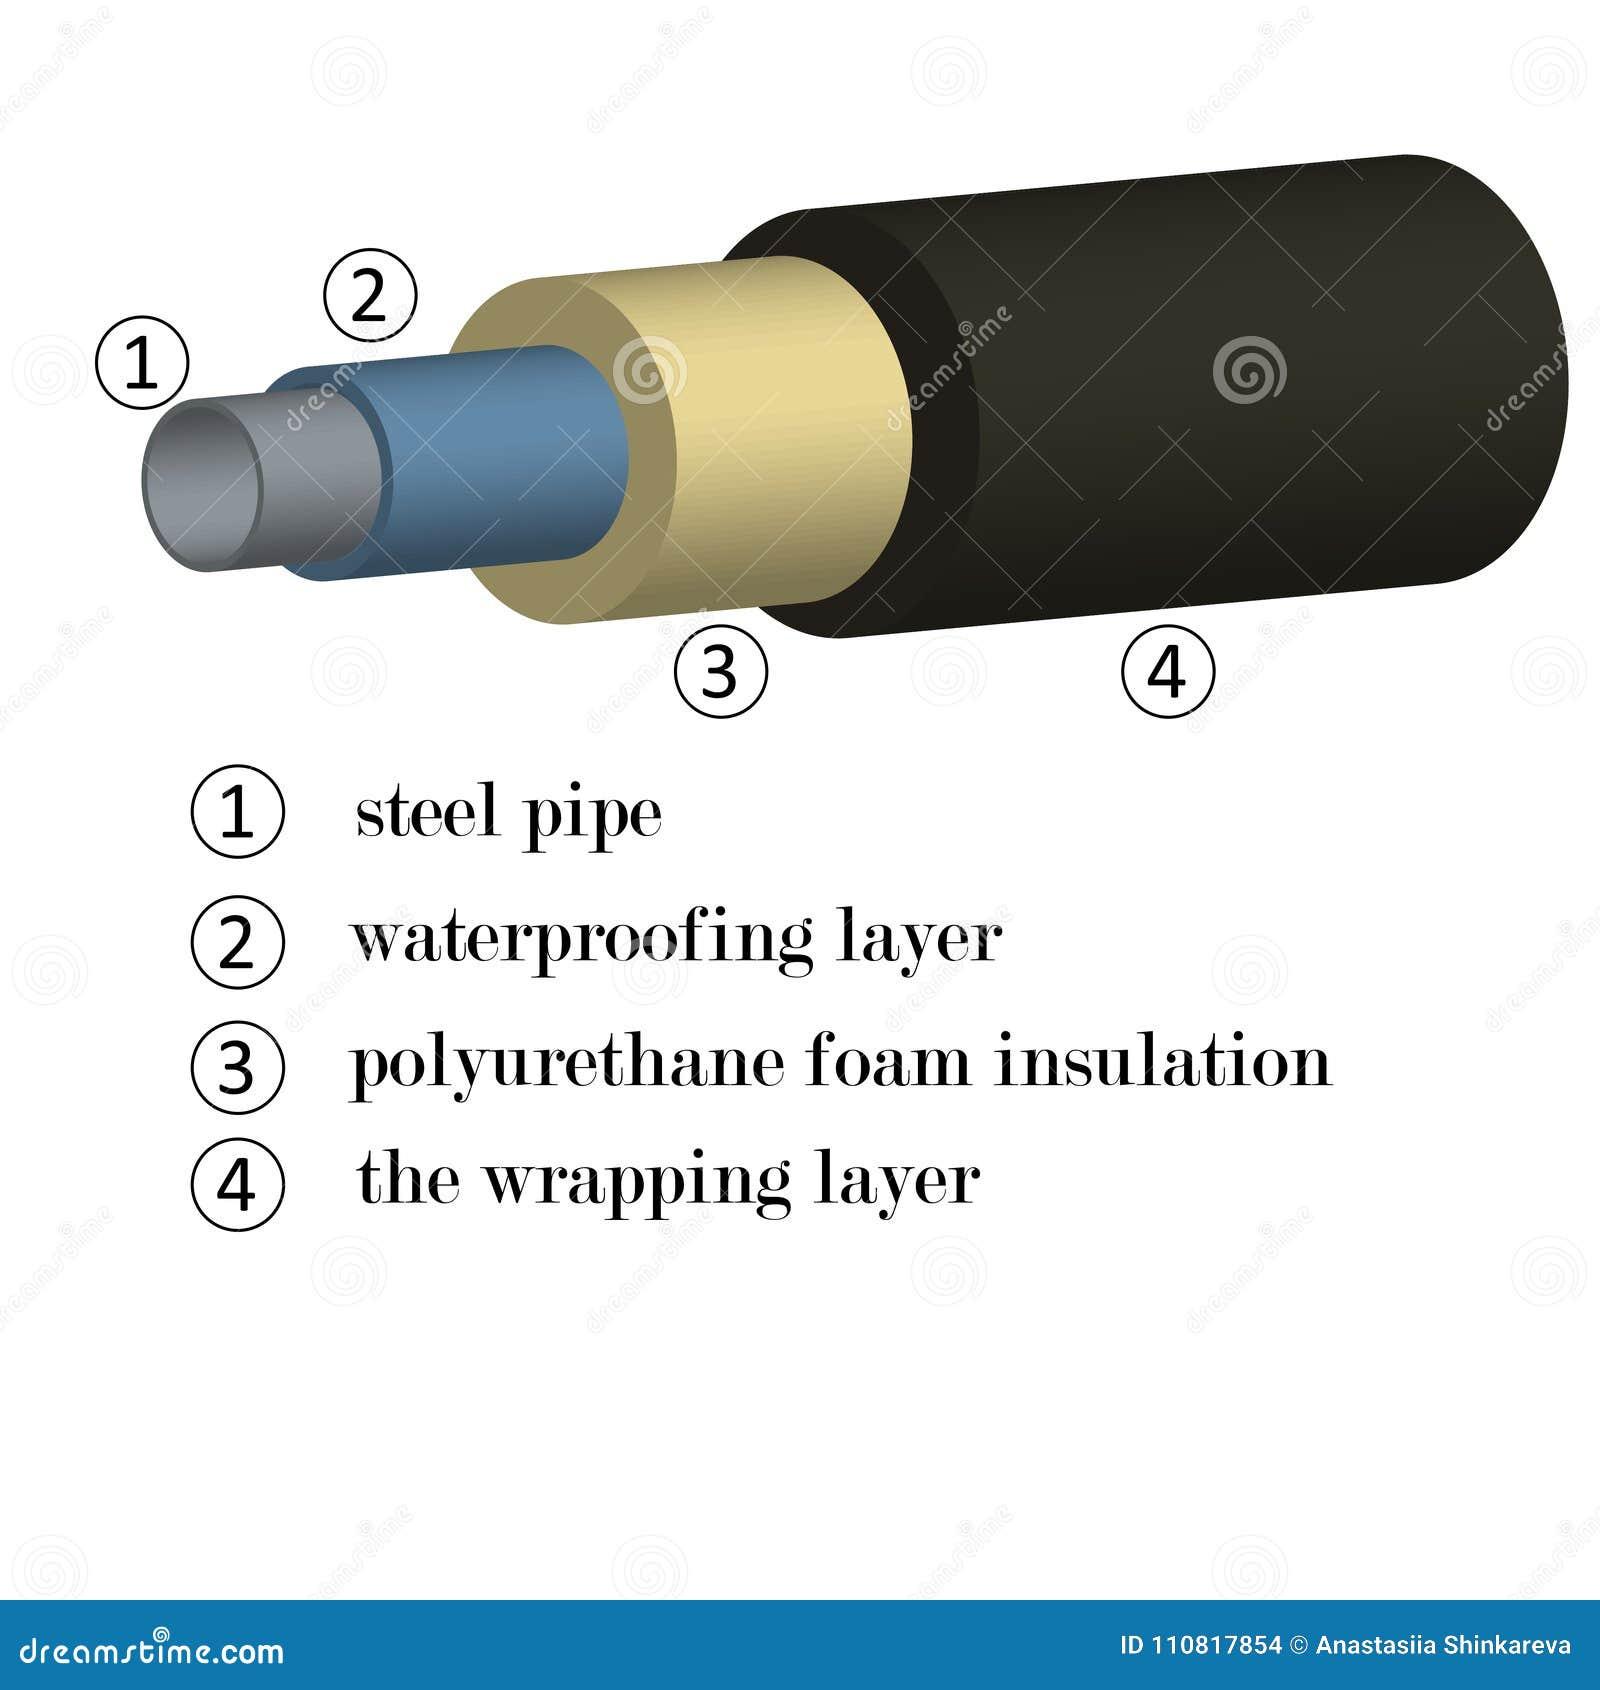 Imagem 3D das tubulações de aço na isolação da espuma com uma indicação dos materiais nas camadas para a construção